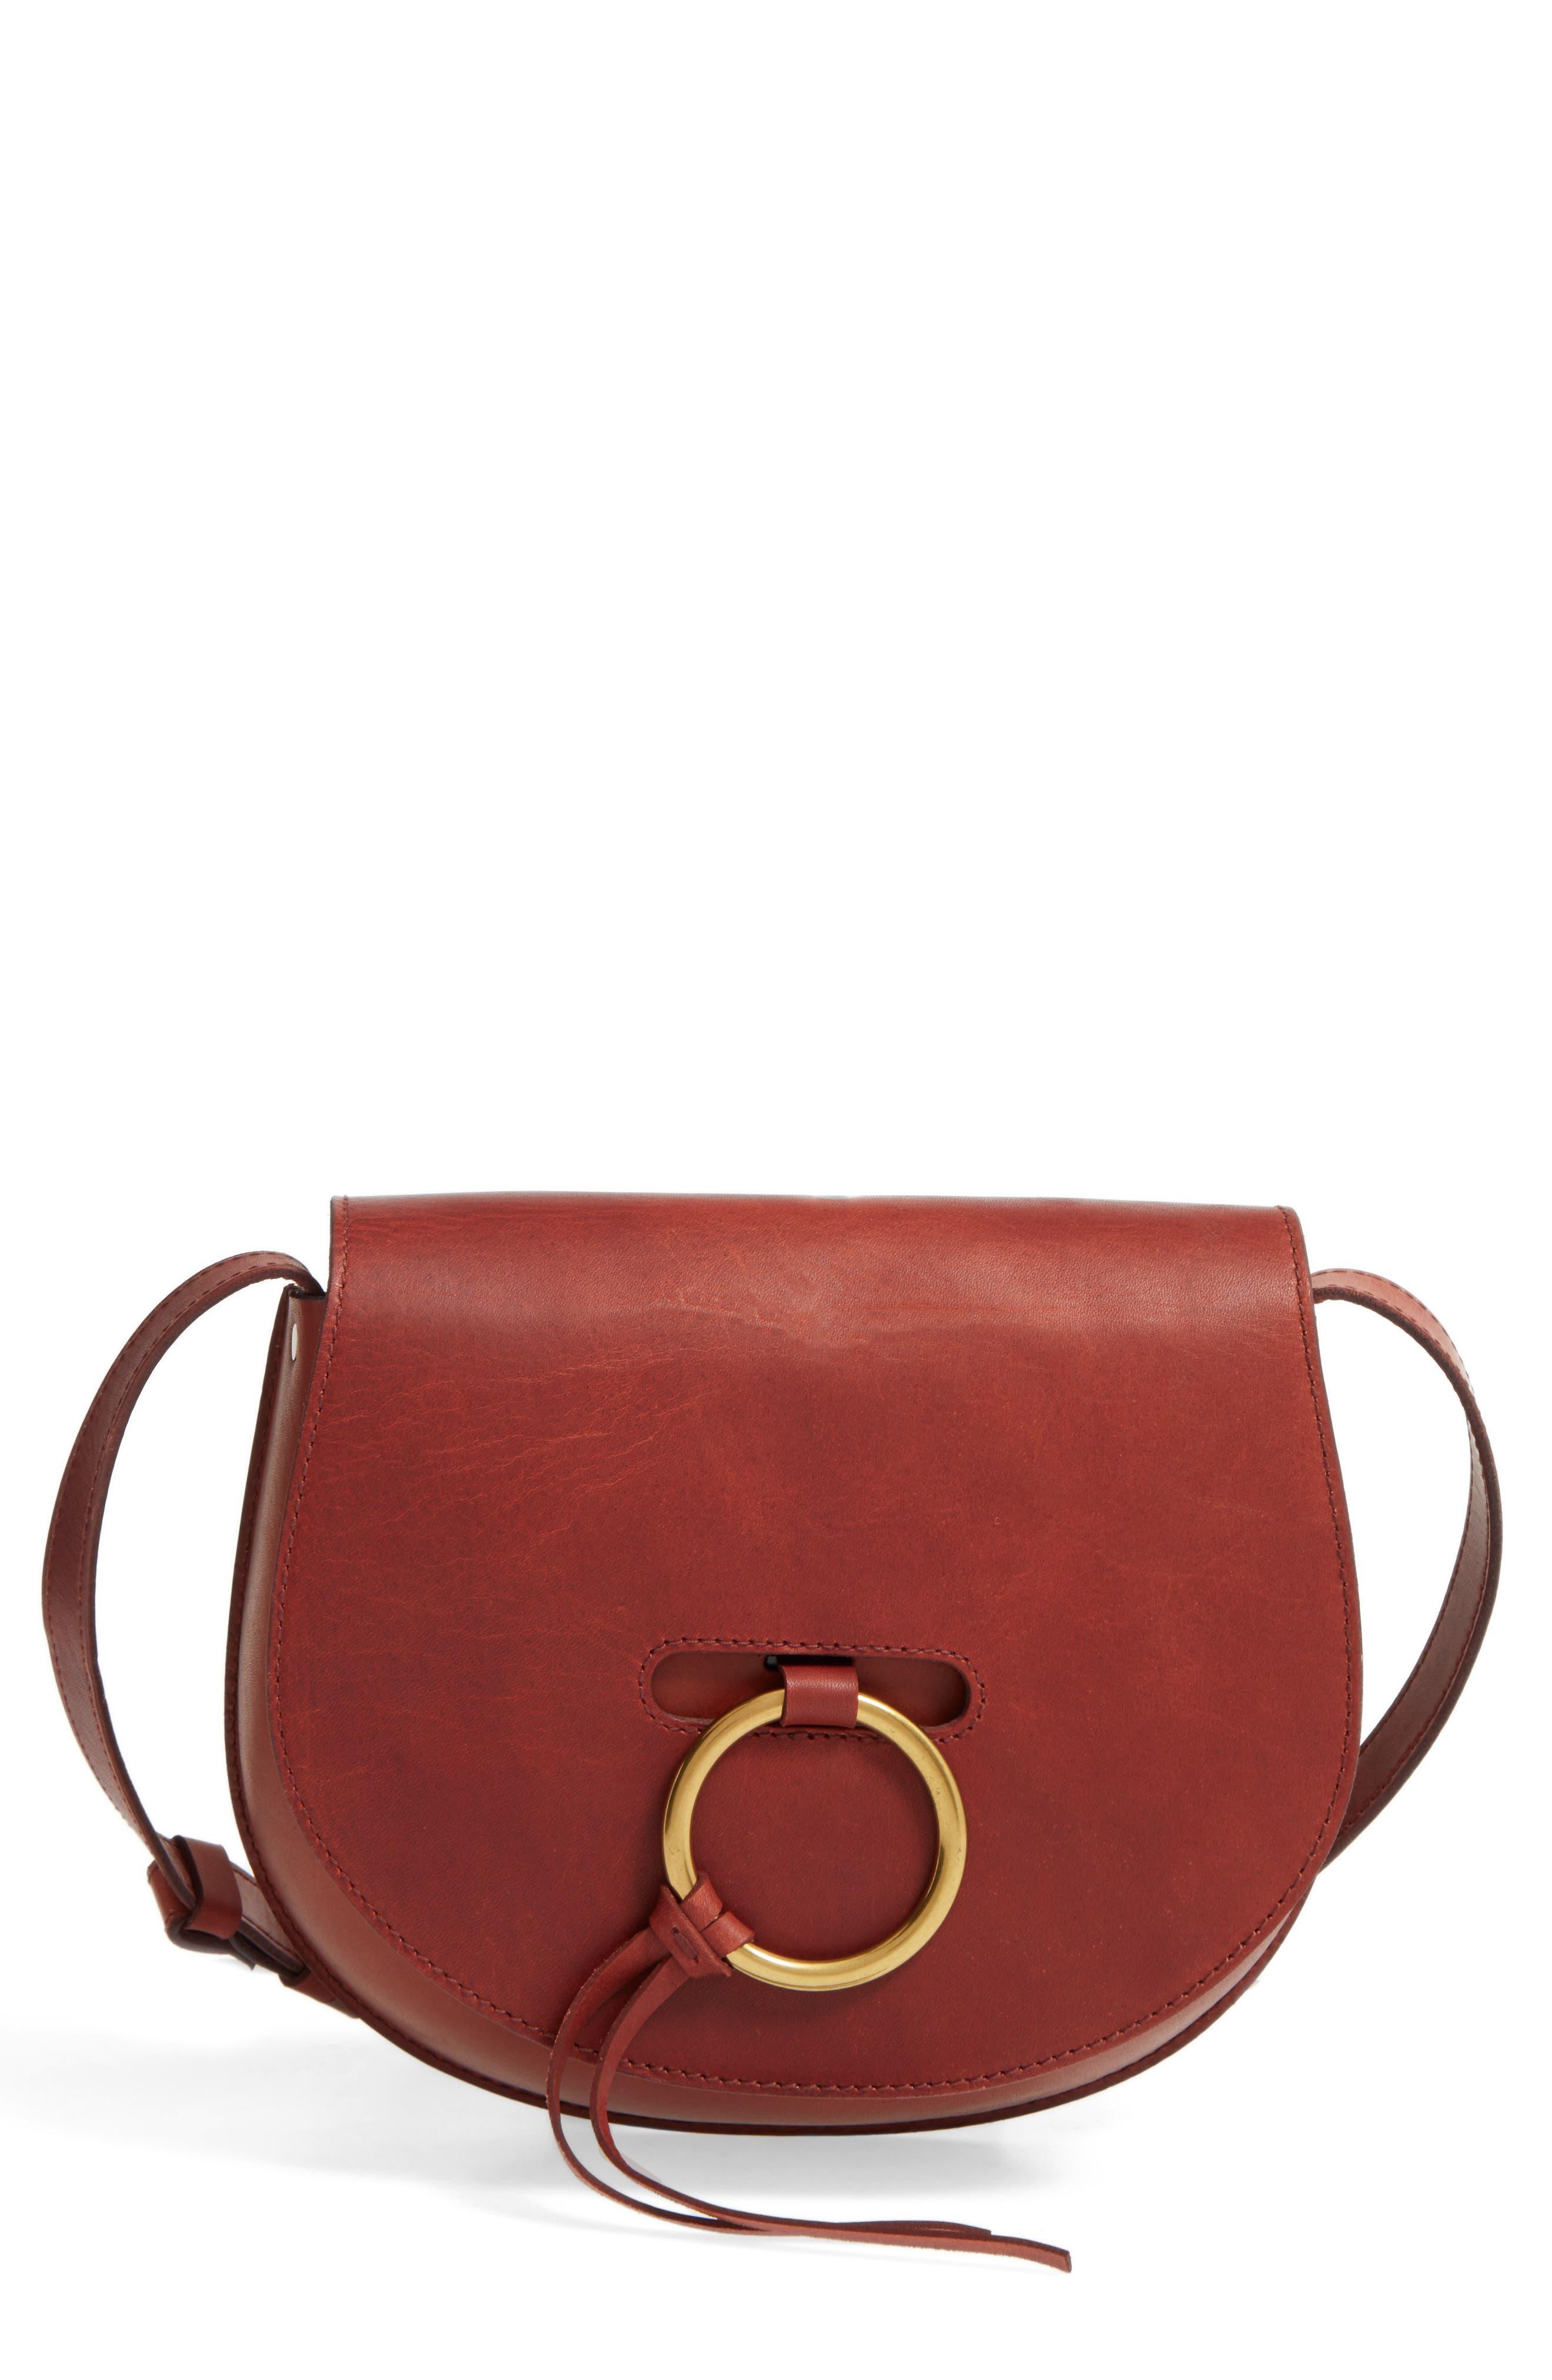 O-Ring Leather Saddle Bag, Main, color, 200